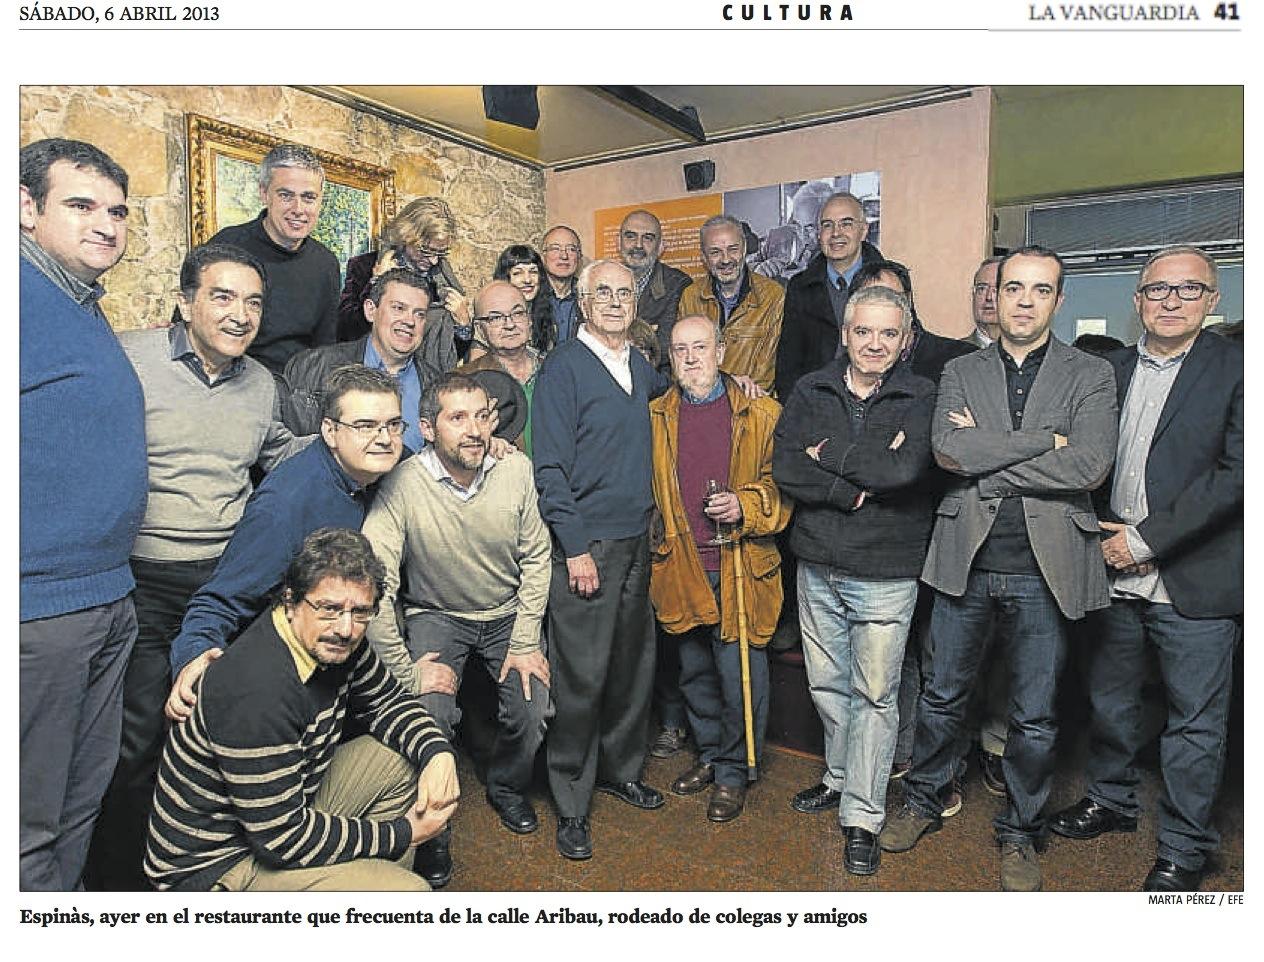 Encuentro de columnistas con Josep Maria Espinàs